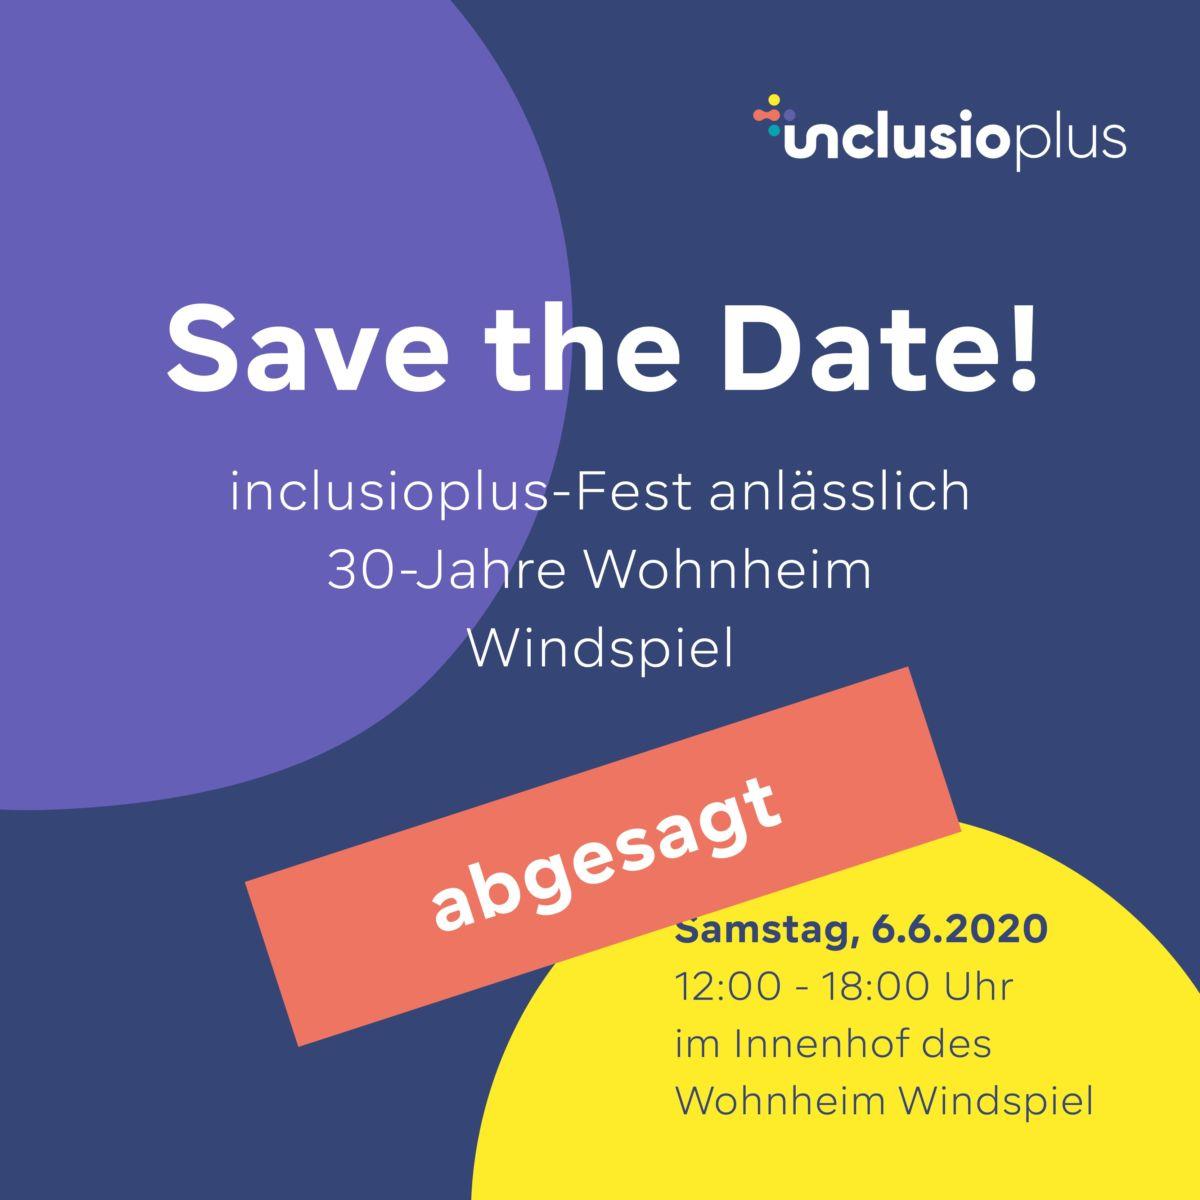 Abgesagt: inclusioplus Fest am 6. Juni 2020 | inclusio plus News · Arbeiten und Wohnen mitten in der Gesellschaft